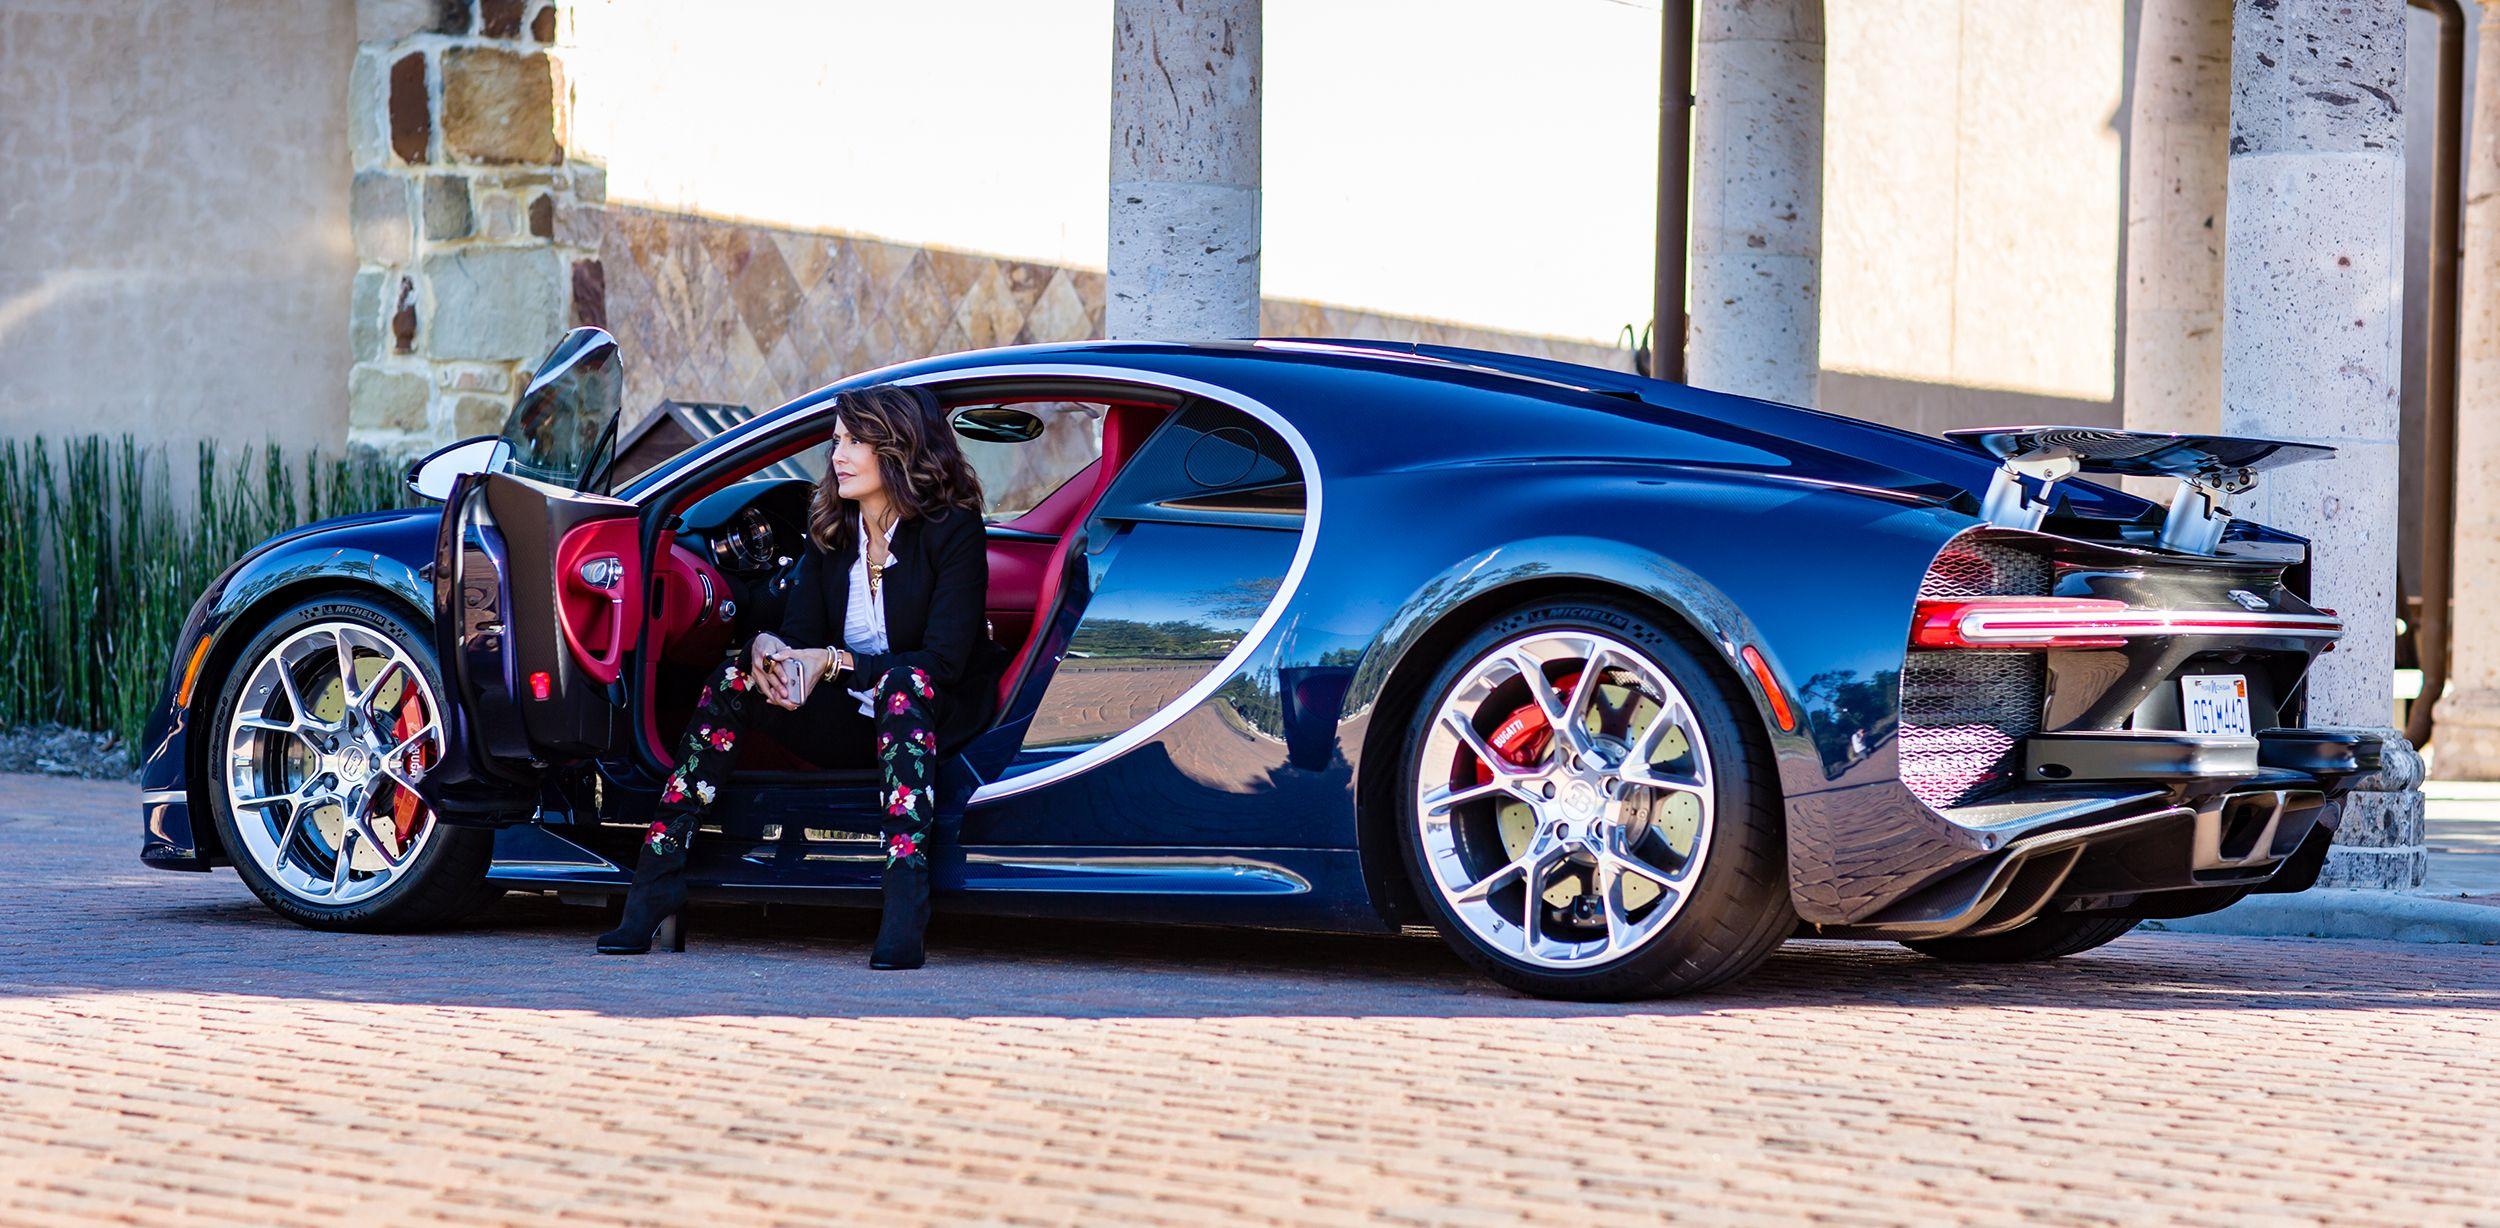 Bugatti Chiron From Bugatti Houston On The Set Of Private Driving Event With Diane Caplan From Brightcatch Media Bugatti Bugatti Chiron Motor Car